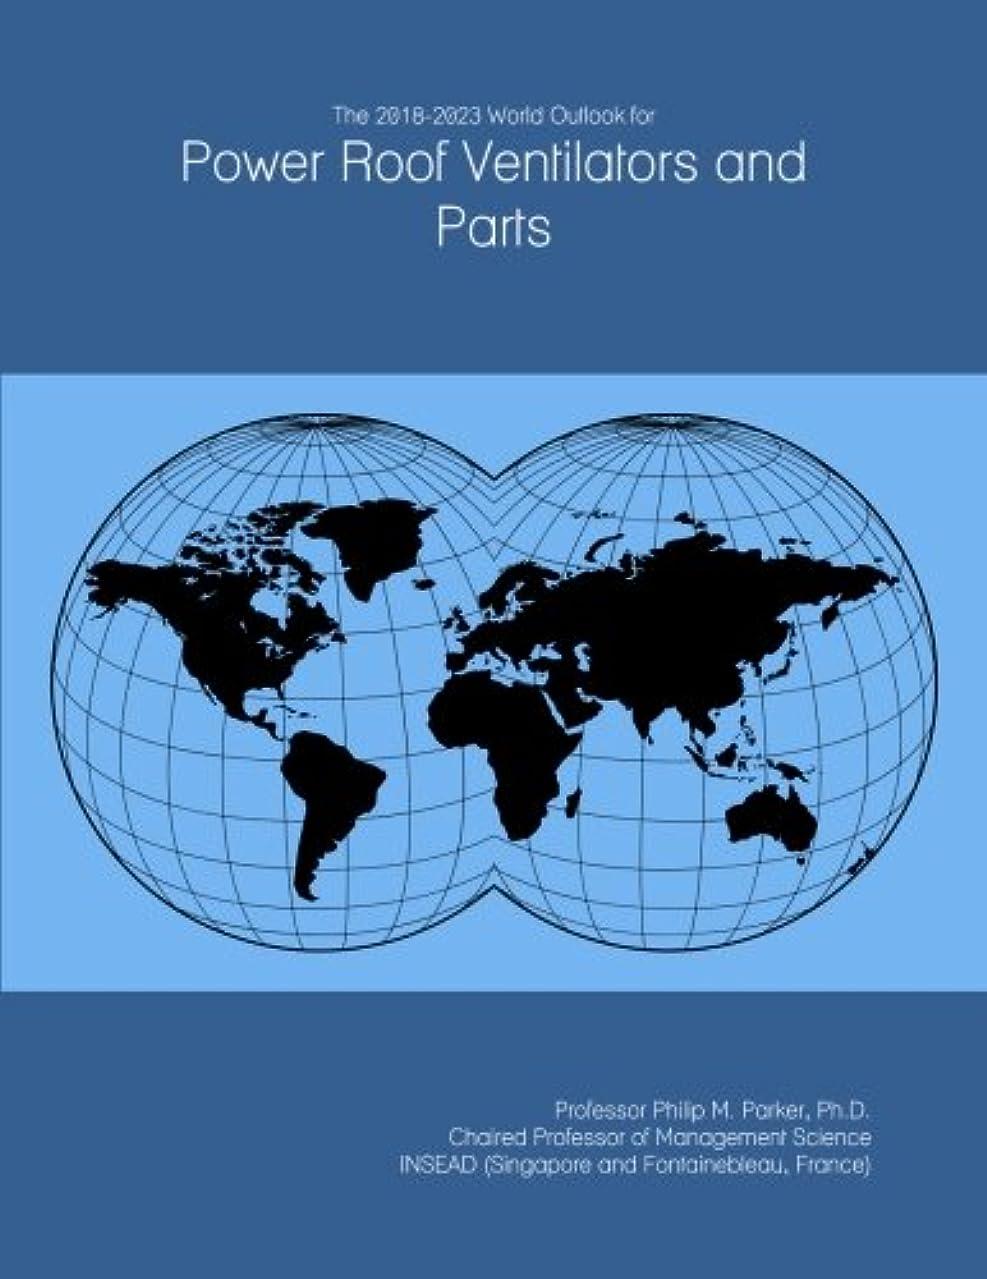 遮る大人利得The 2018-2023 World Outlook for Power Roof Ventilators and Parts